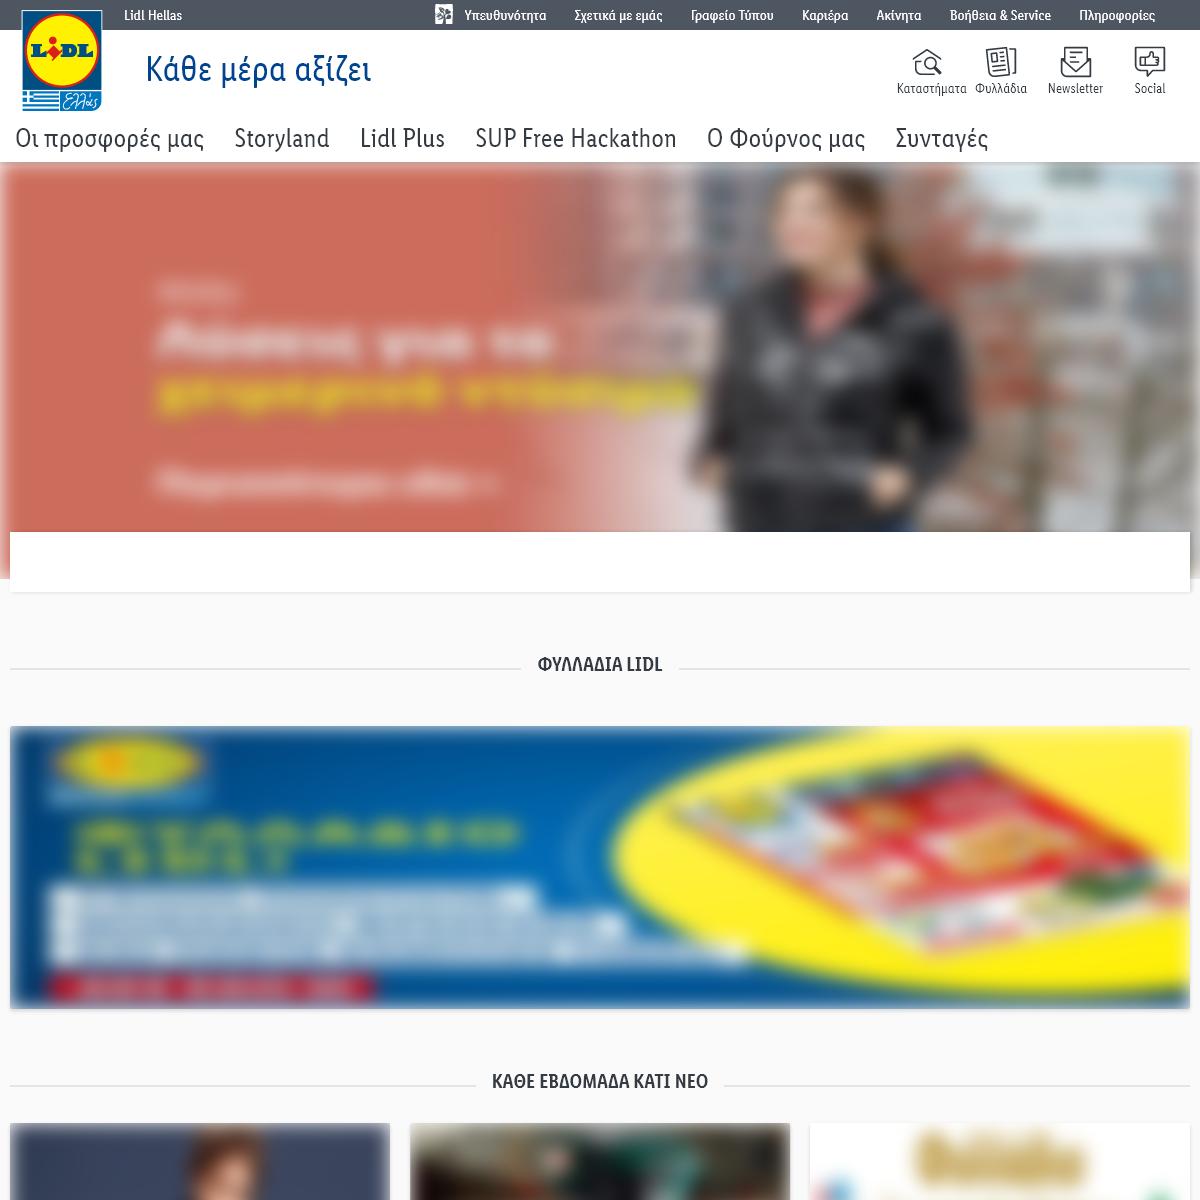 Προσφορές Σε Τιμές Lidl - www.lidl-hellas.gr